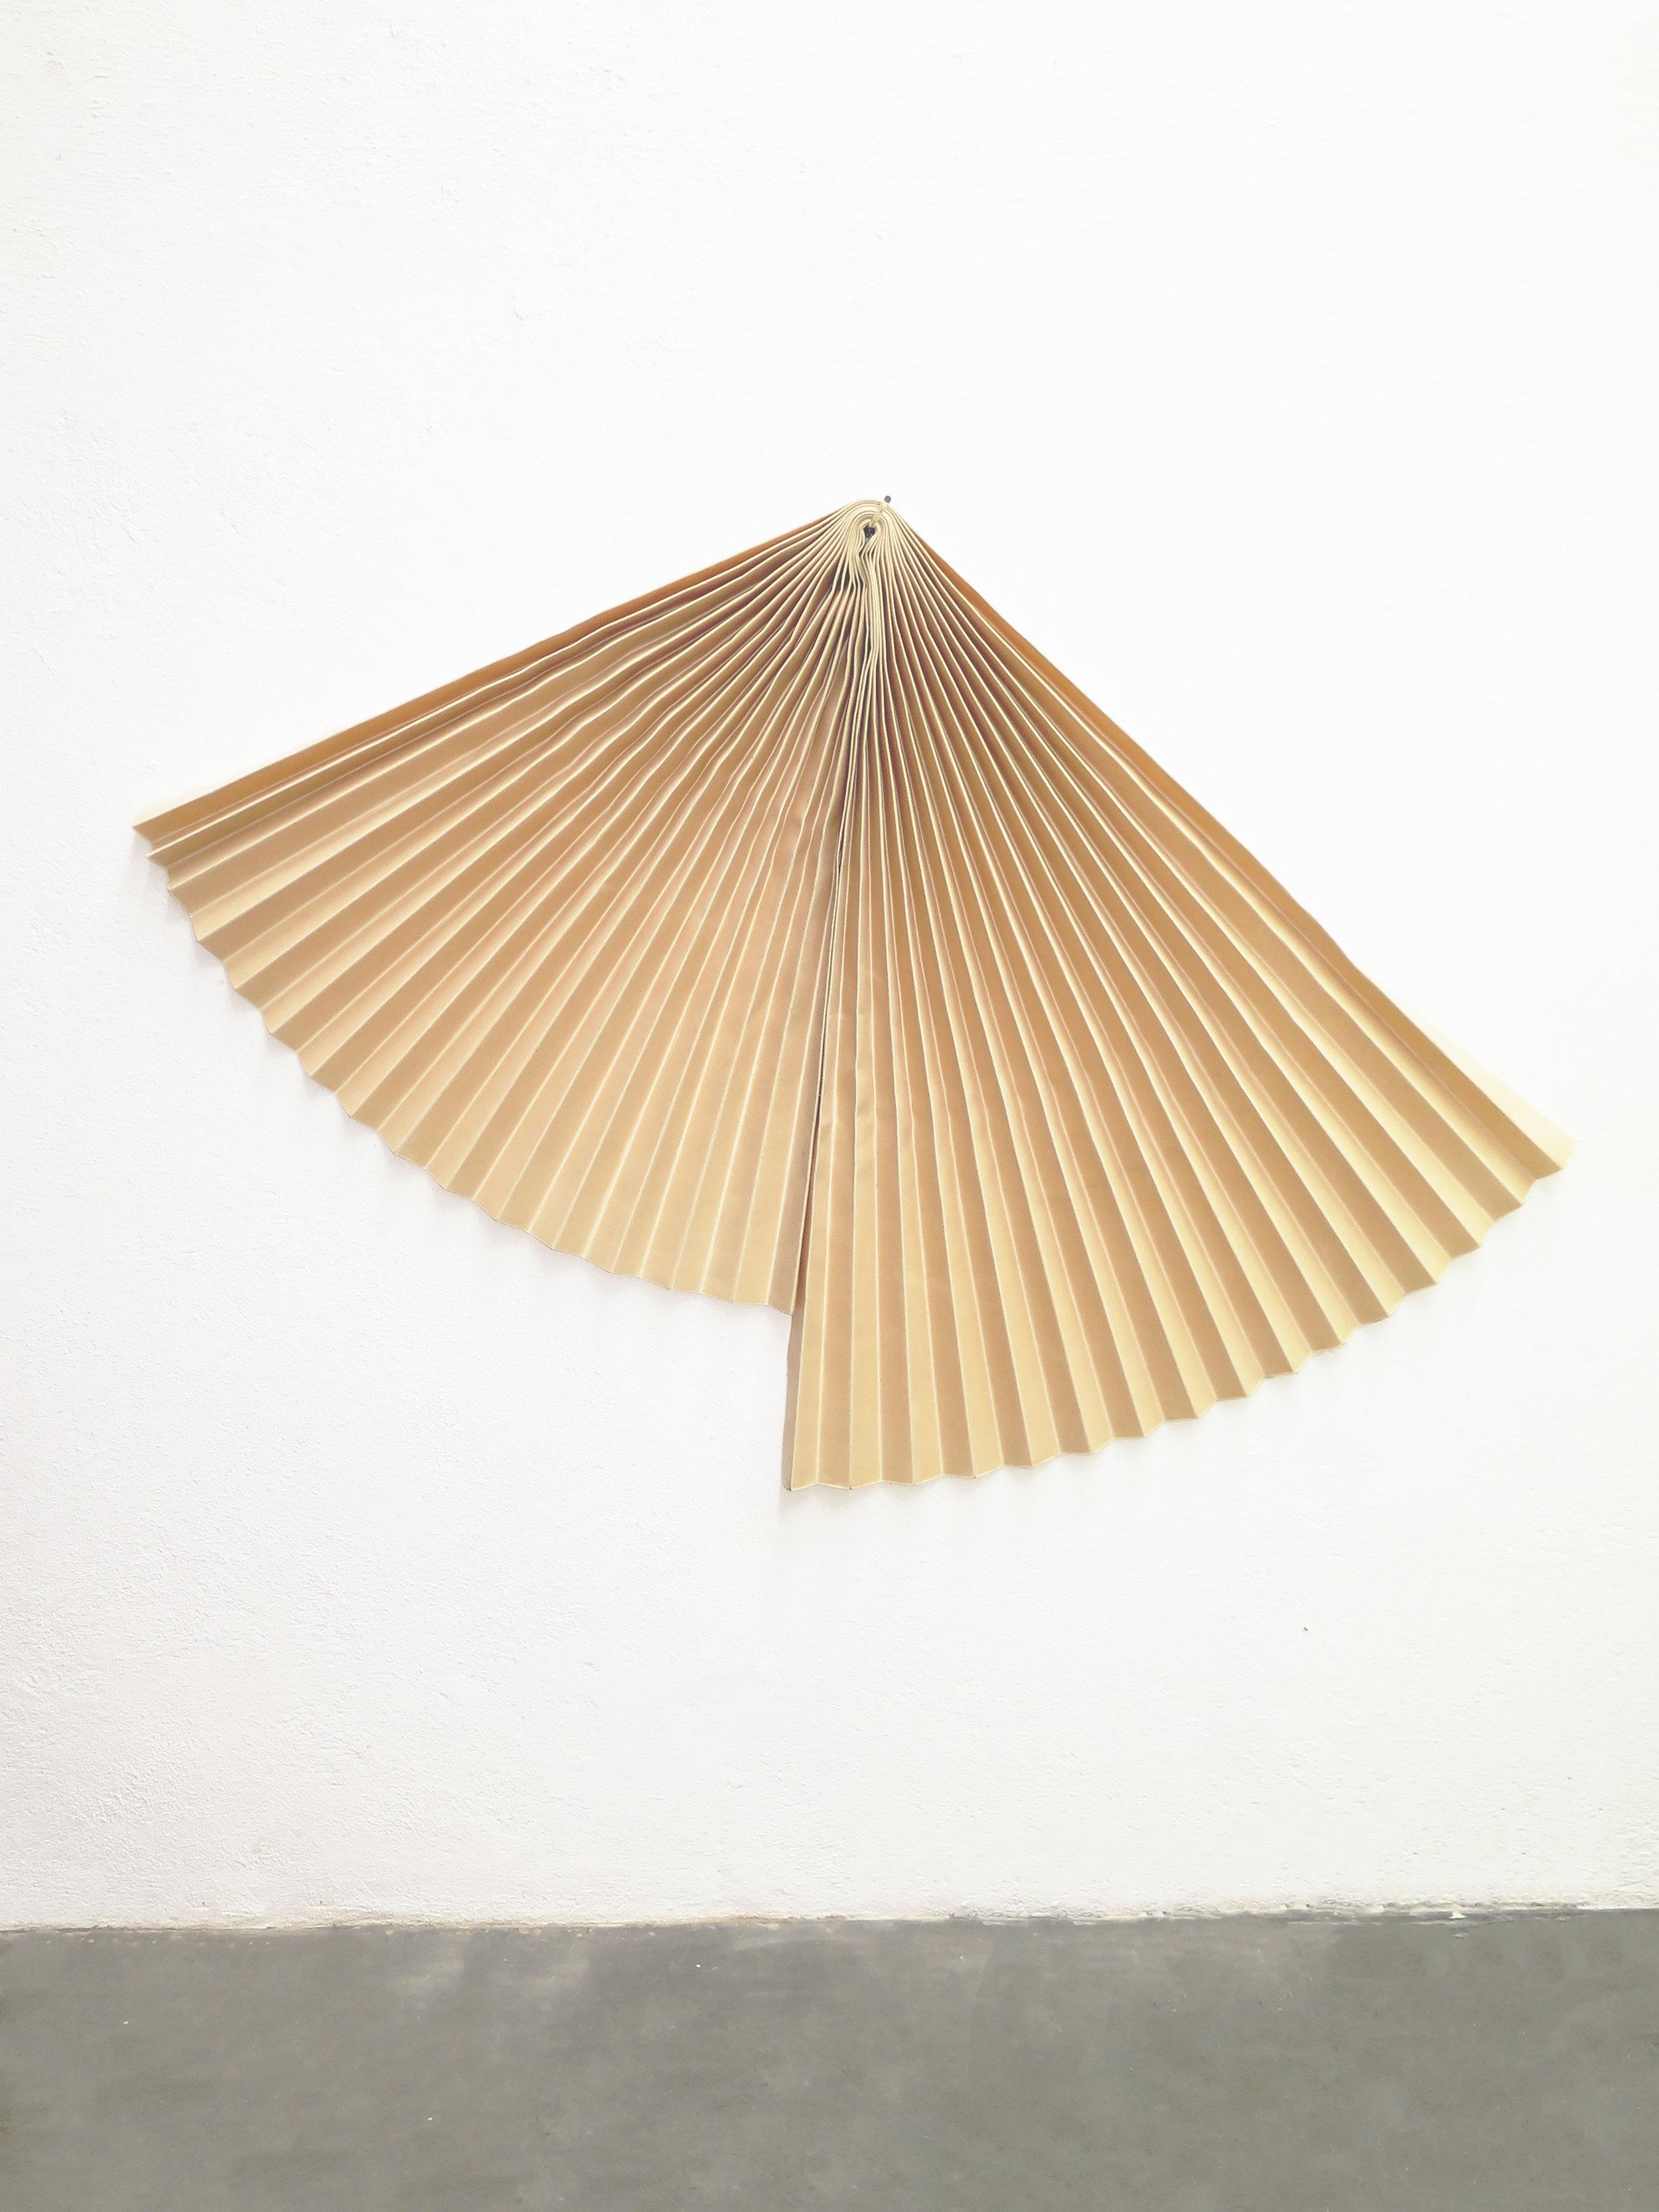 Mano penalva, Acorde, Acordo, 2019, Lona e vidro, 106 x 156 x 24 cm chao.jpg